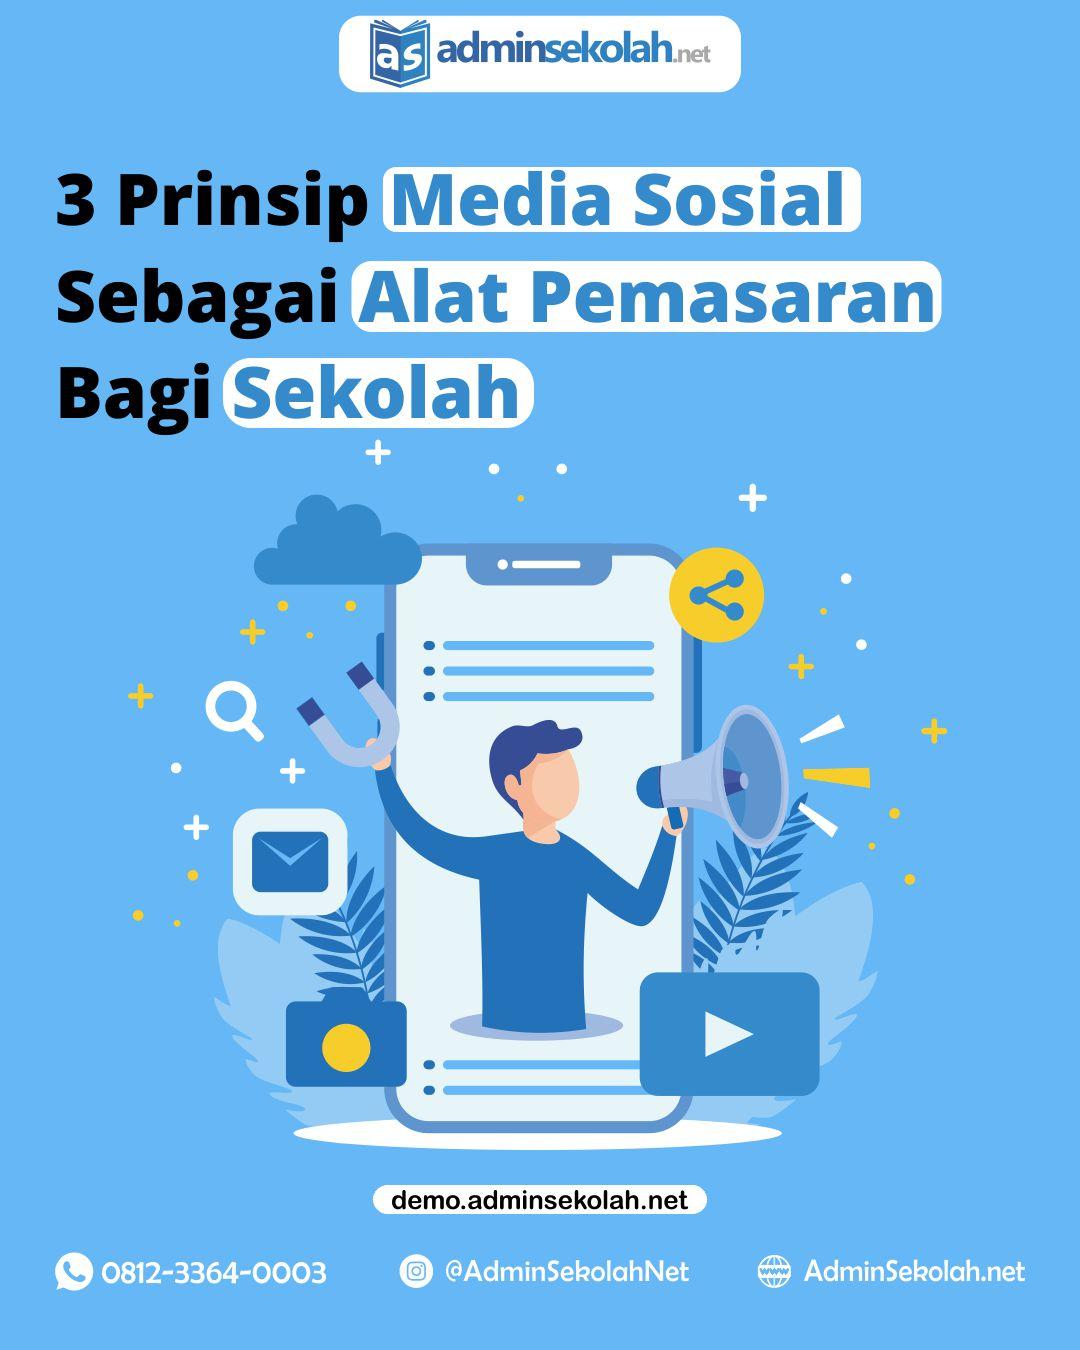 3 Prinsip Media Sosial Sebagai Alat Pemasaran Bagi Sekolah